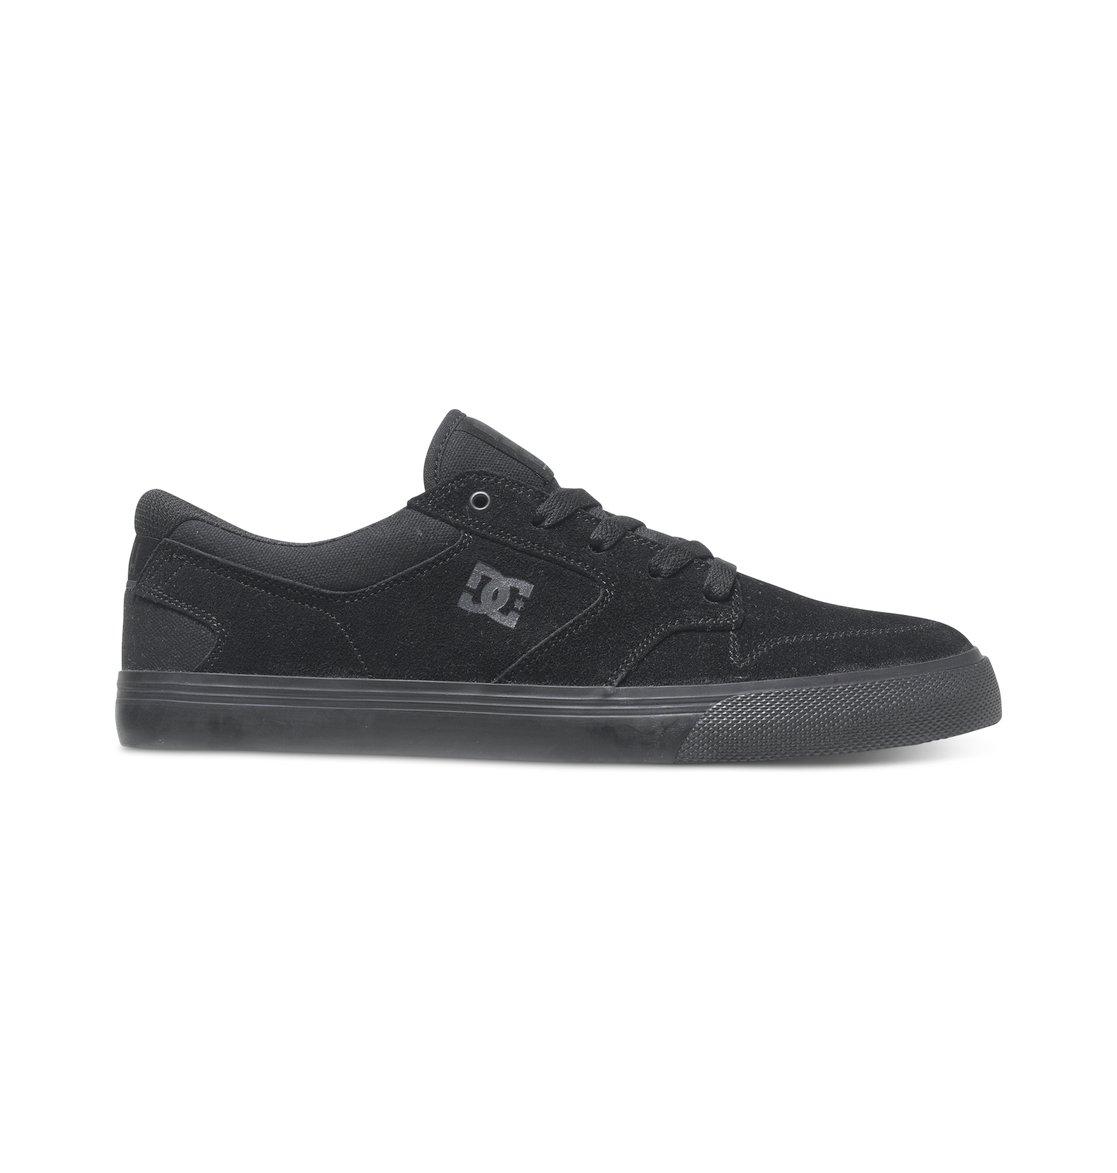 Buty Dc Nyjah Vulc (Black / Black)